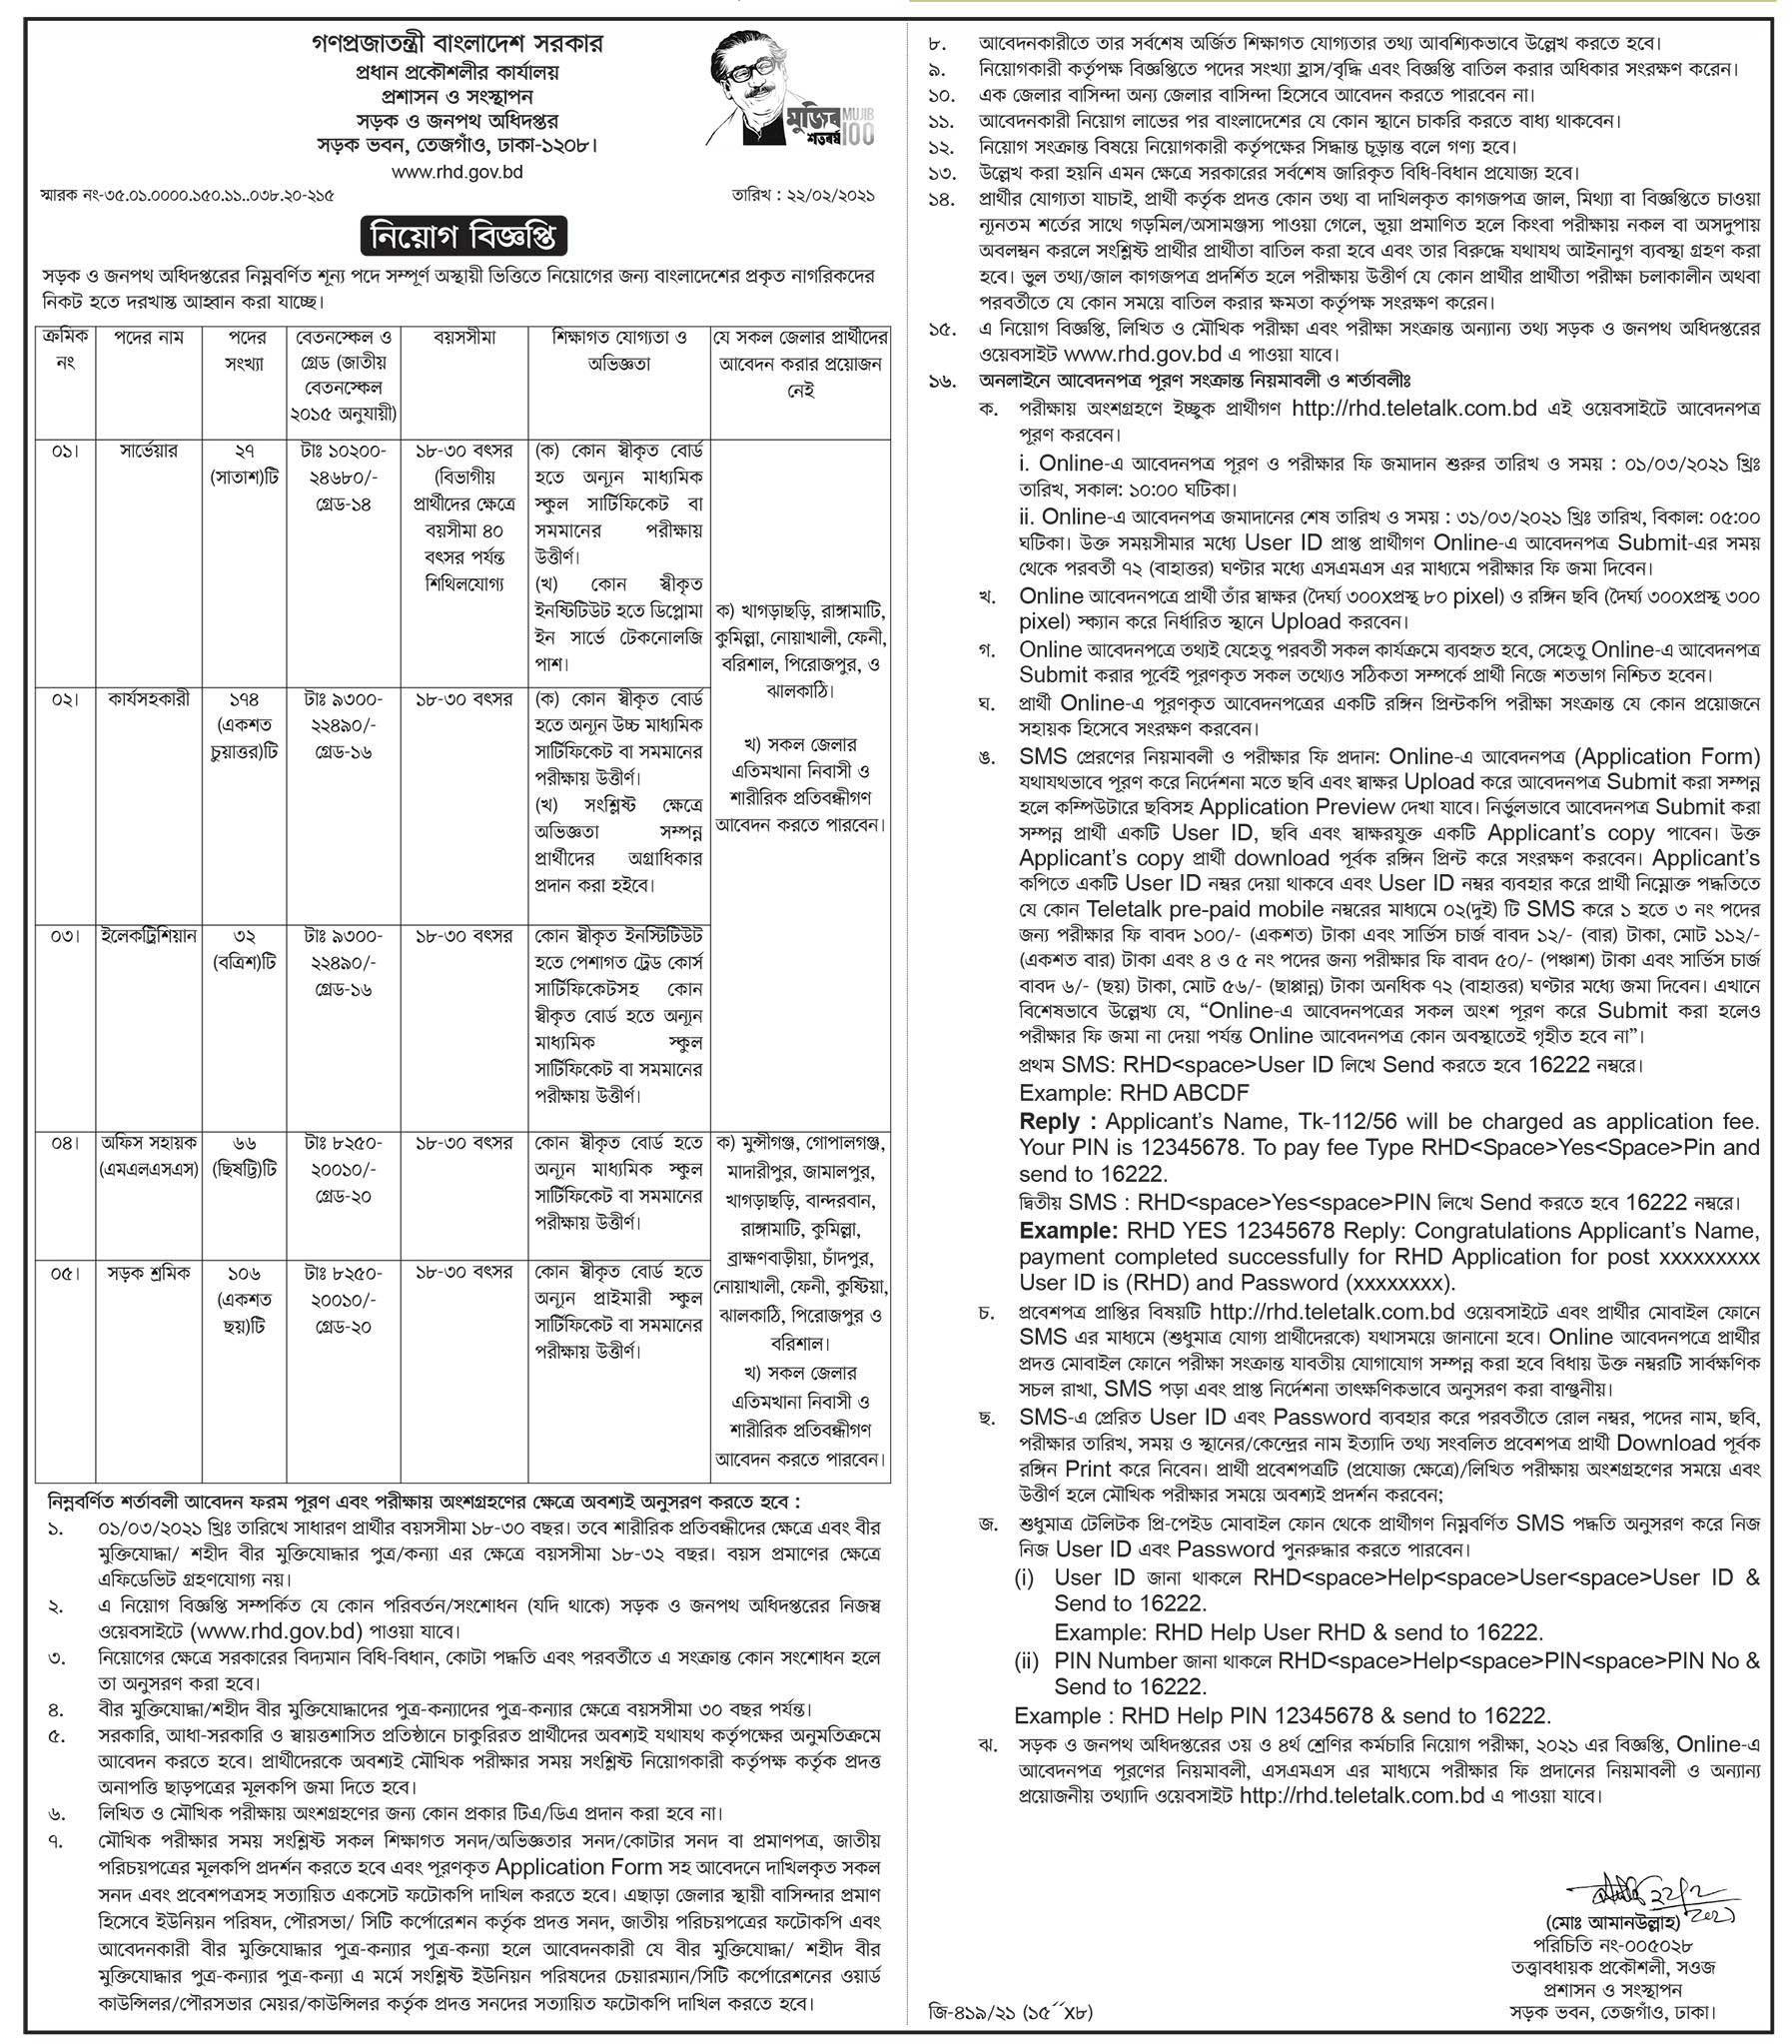 সড়ক ও জনপথ অধিদপ্তর নিয়োগ বিজ্ঞপ্তি ২০২১ -  Roads & Highways Department (RHD) Job circular 2021 - সরকারি চাকরির খবর ২০২১